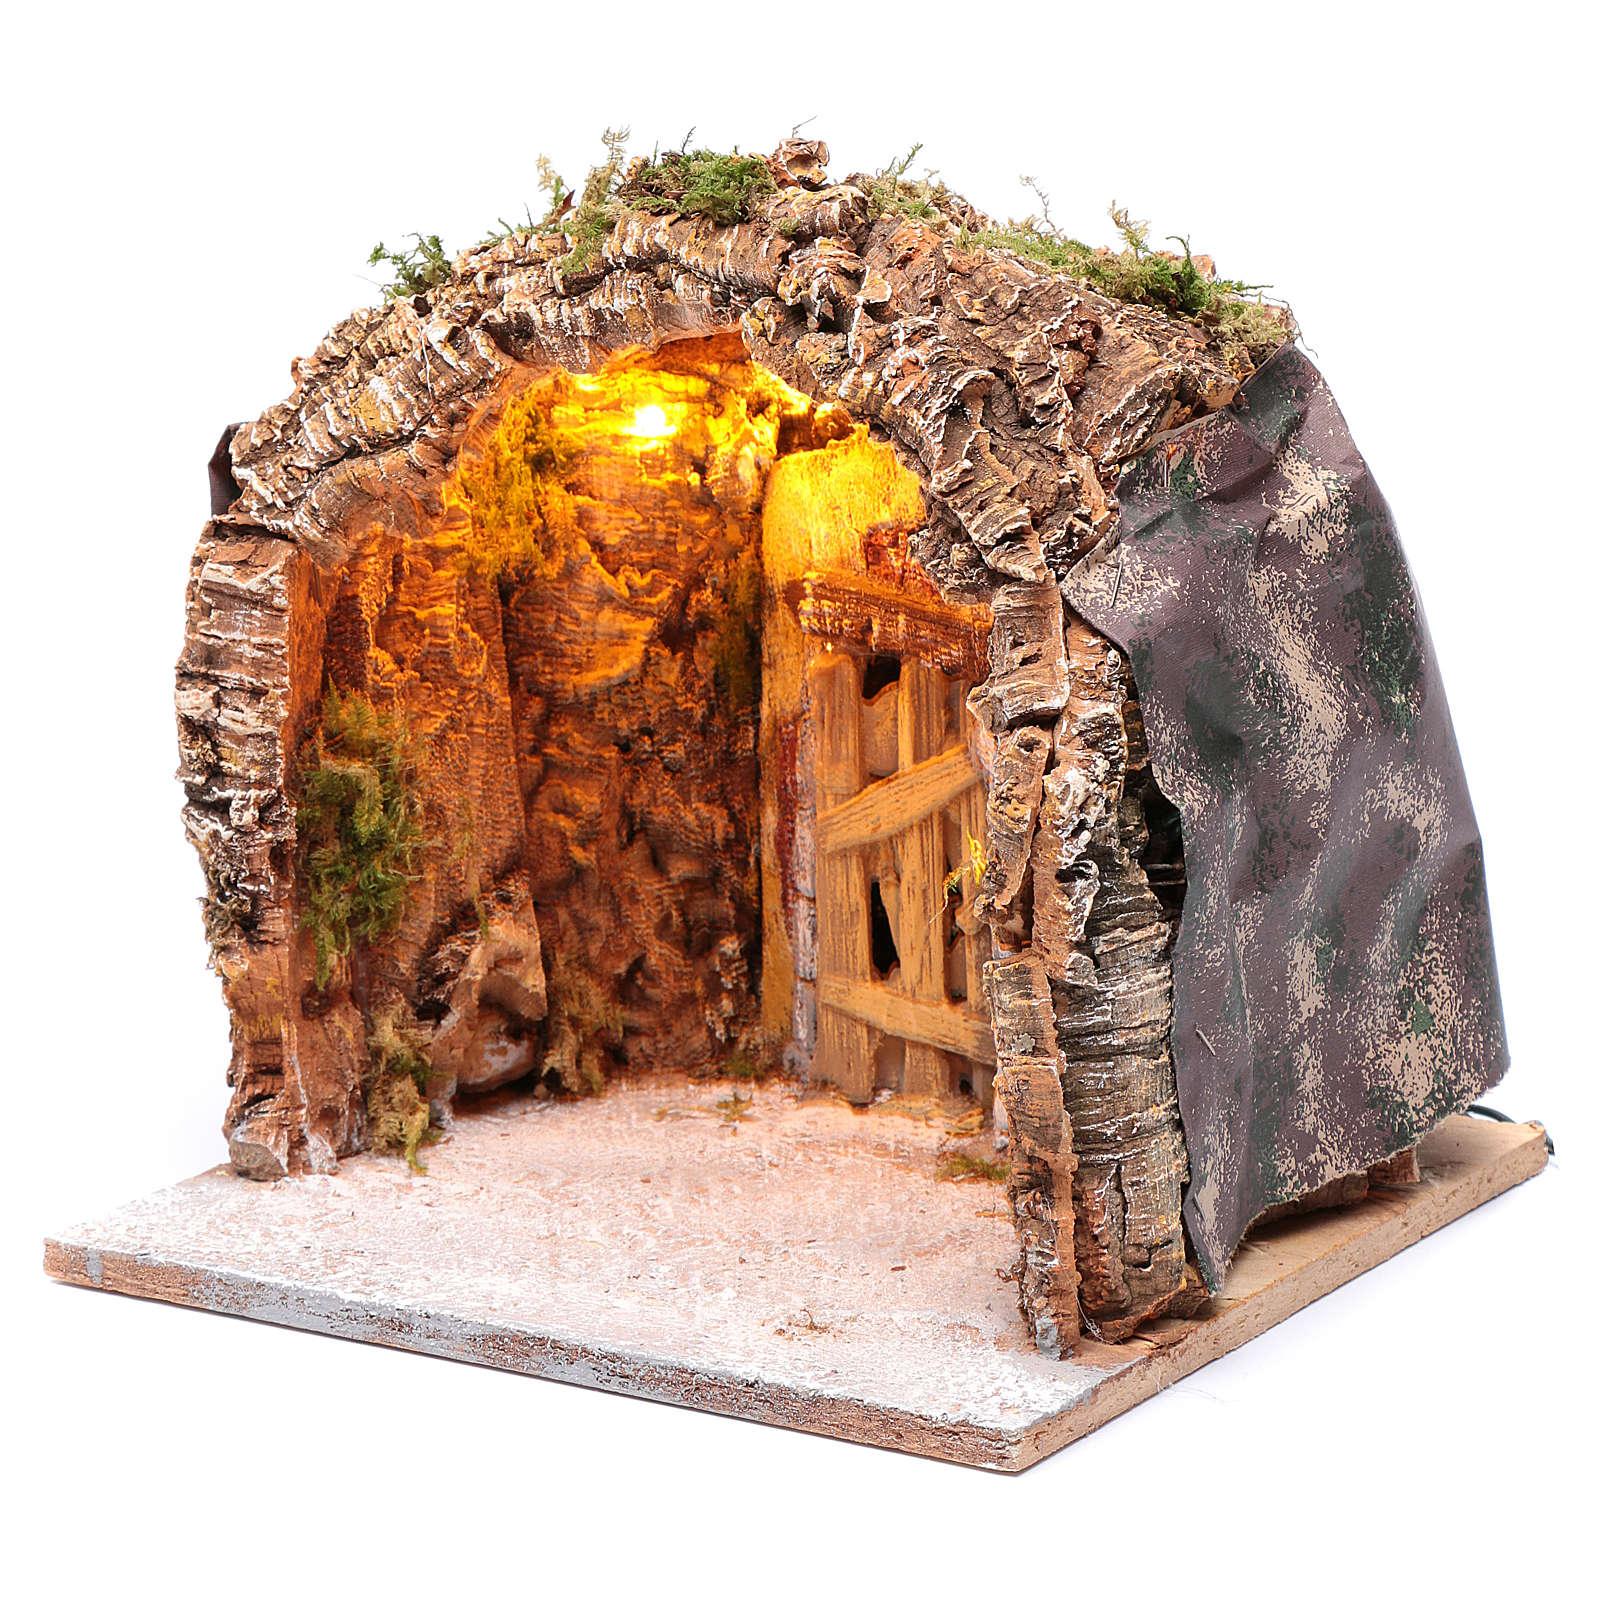 Grotta illuminata presepe legno e sughero 28x25x26 cm 4